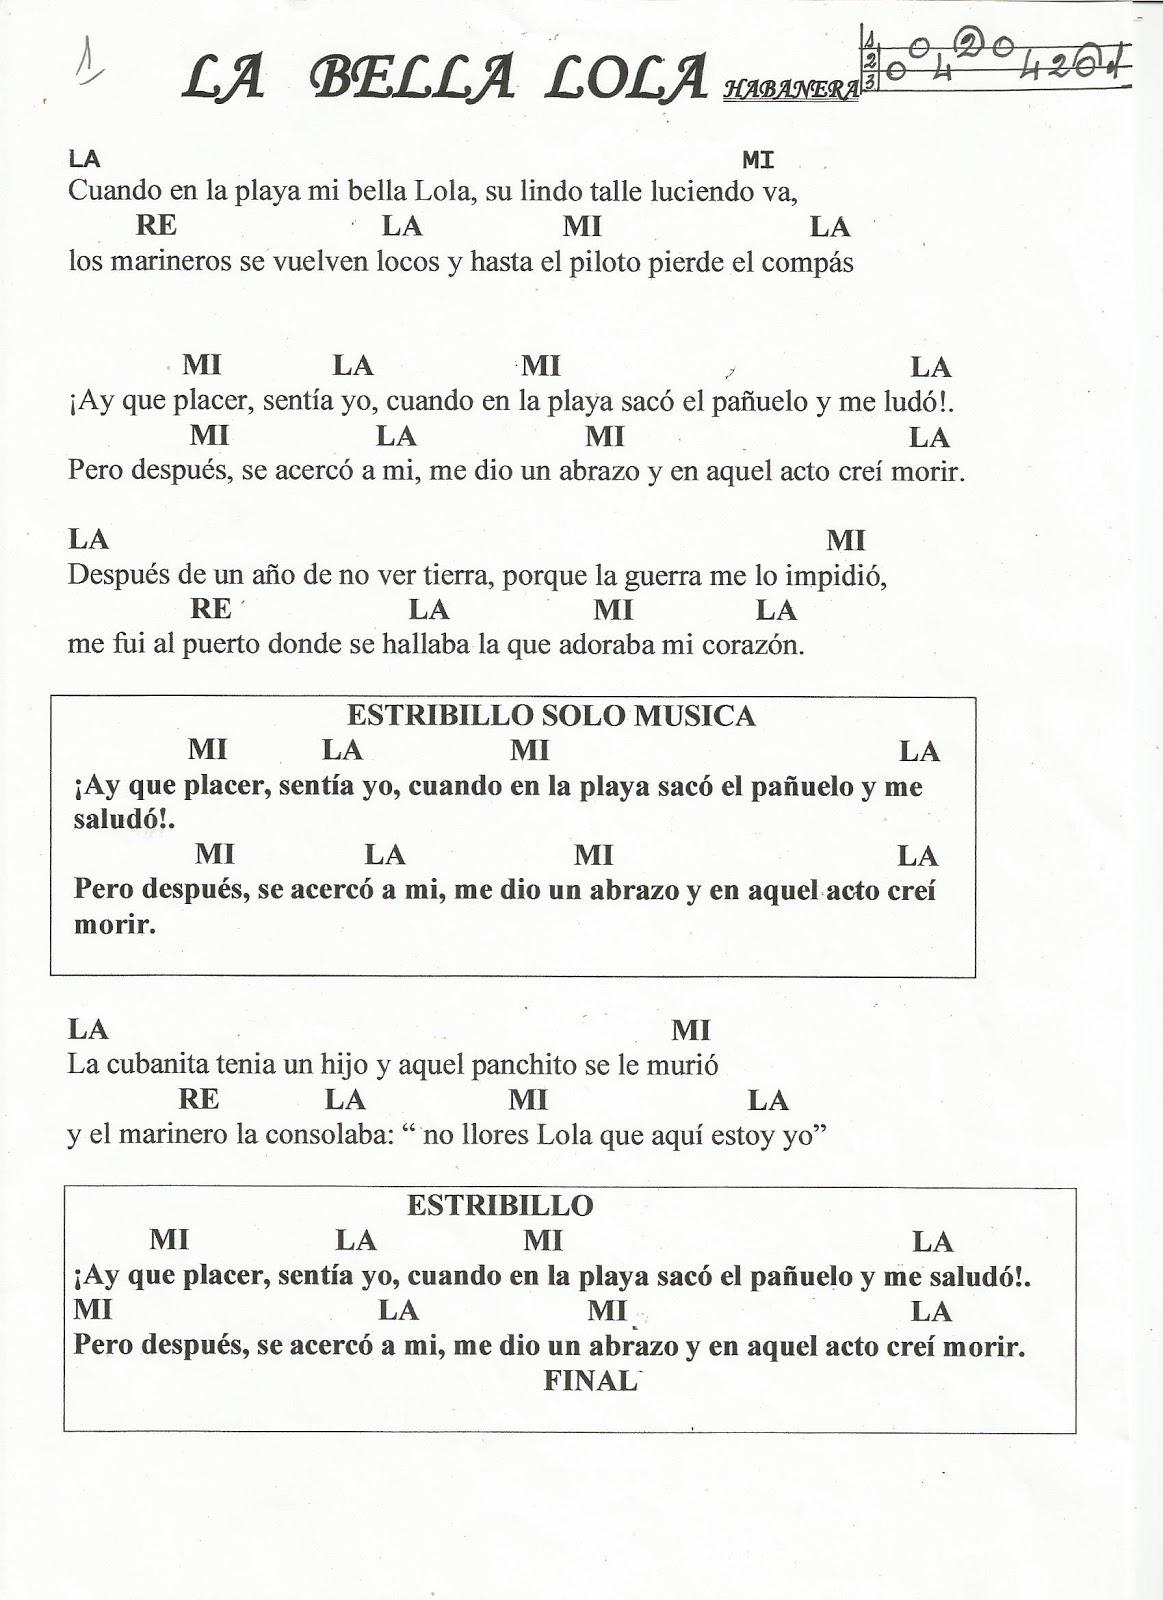 Partituras En Cifra Para Bandurria Y Laúd De José Ortega Laserna La Bella Lola Cifra Y Letra Con Acordes